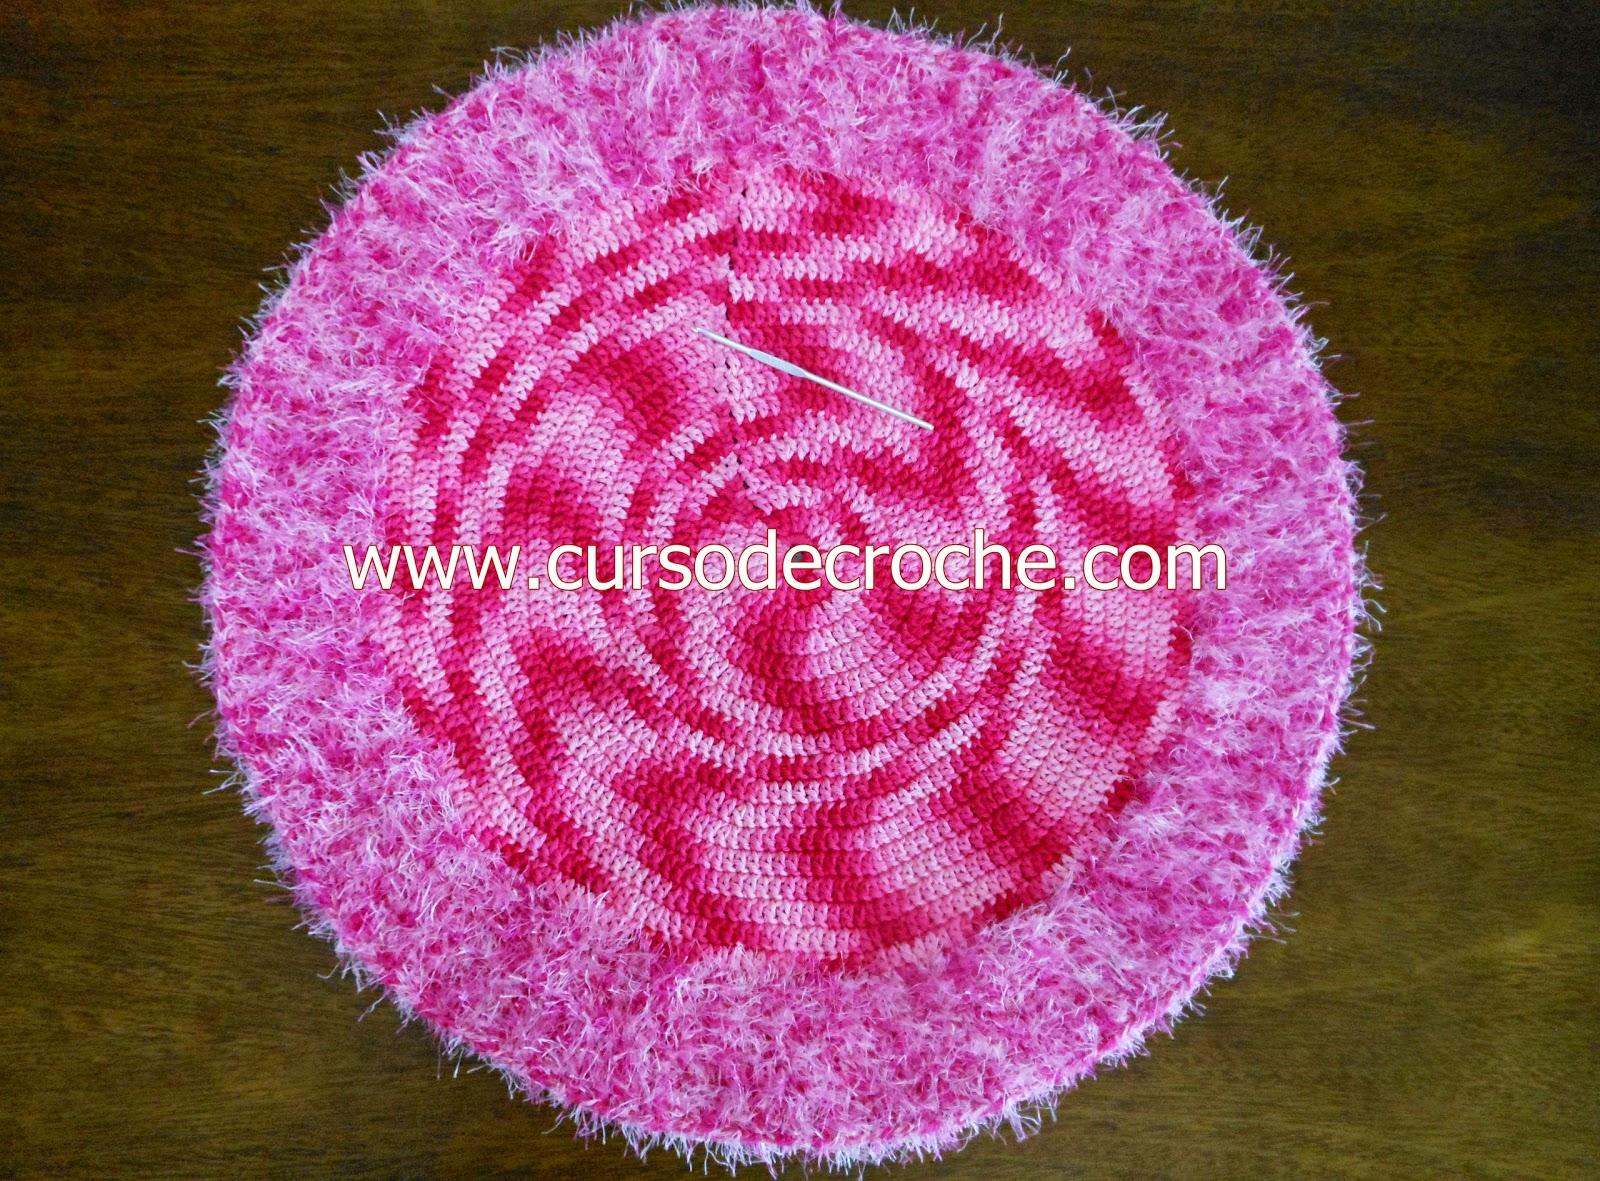 aprender croche tapete redondo rosa forte barroco decore flores dvd edinir-croche loja curso de croche frete gratis